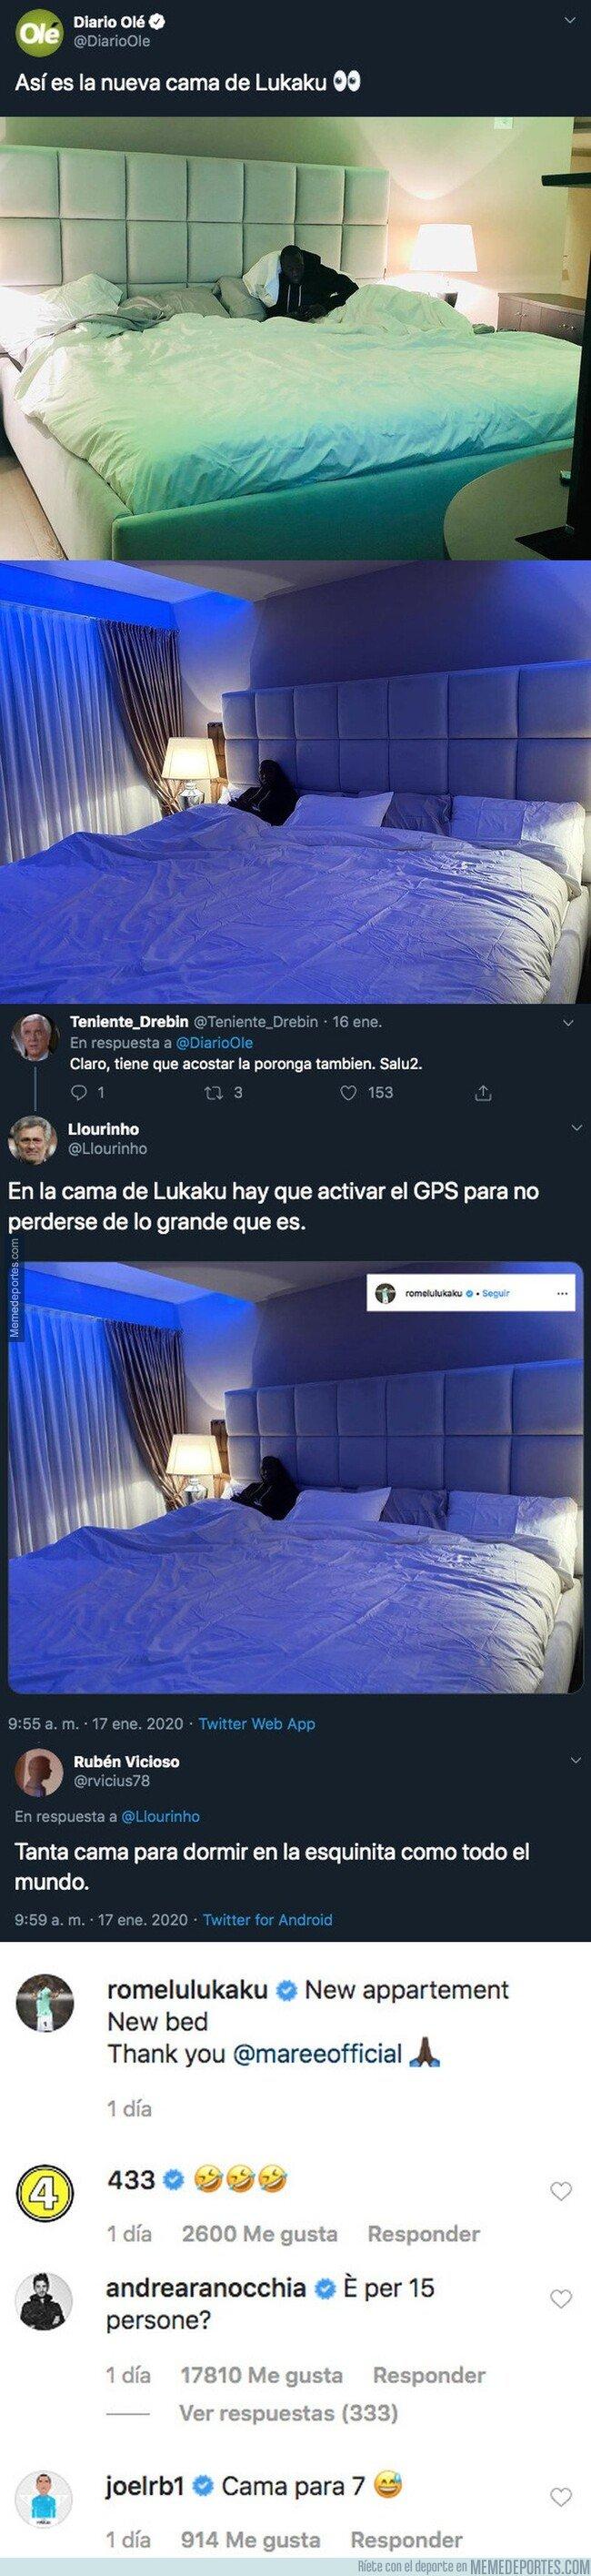 1096013 - Lukaku sube fotos de su nueva cama de tamaño gigantesco y todo internet se llena de comentarios sobre ella